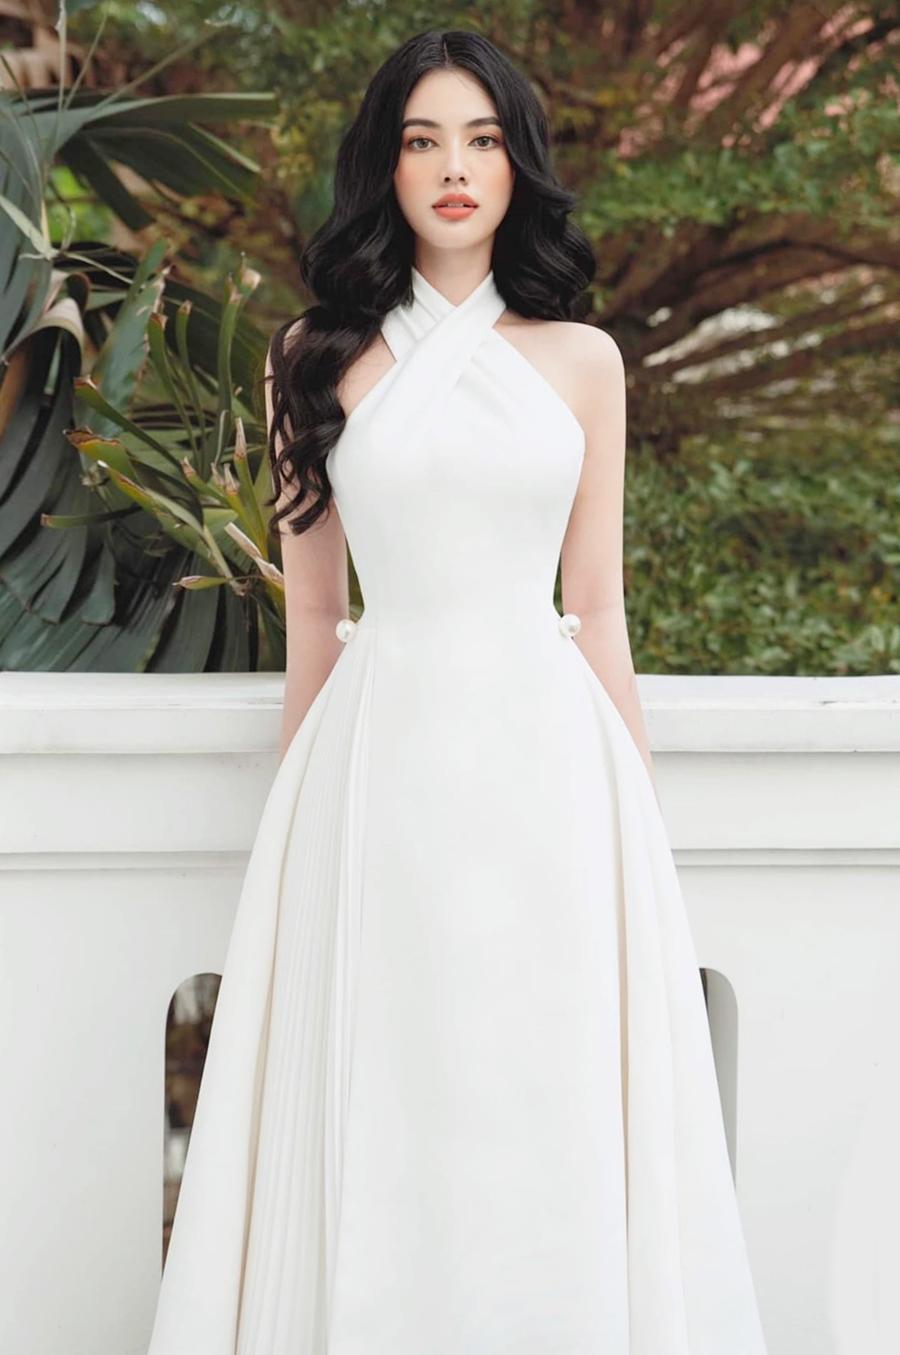 Sau cuộc thi Hoa hậu, Cẩm Đan đắt show thời trang, quảng cáo. Ảnh: Cao Hoàng Việt.